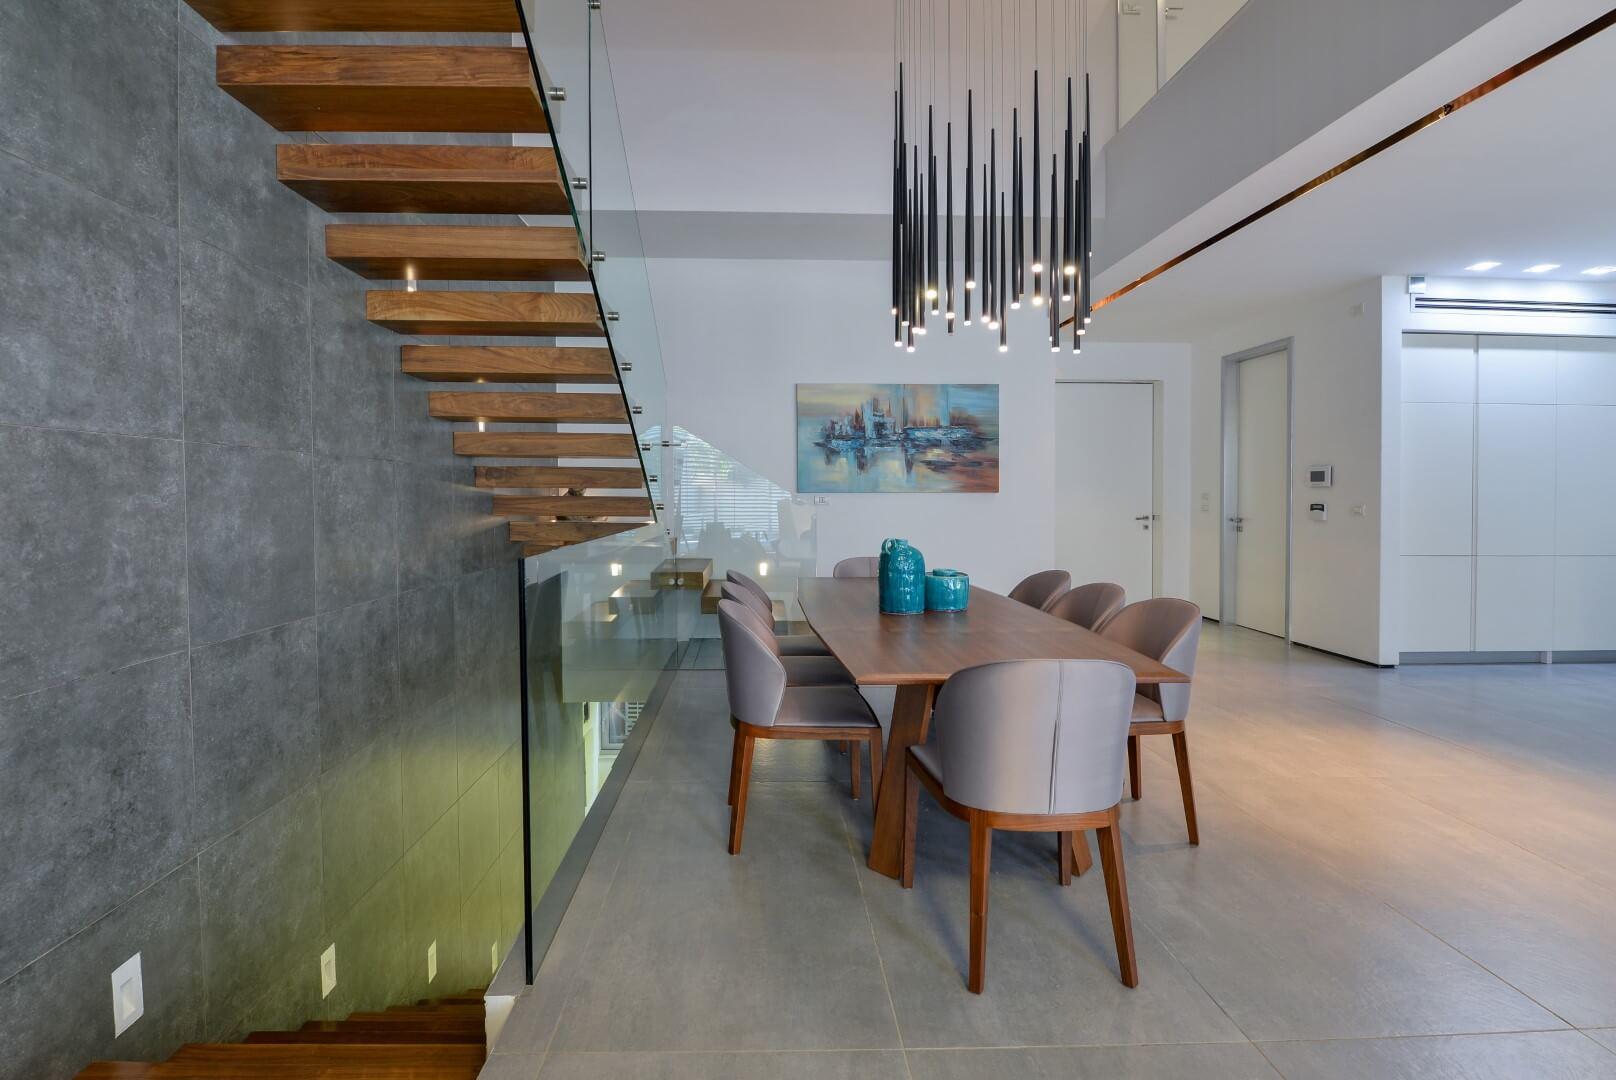 שני גרמי מדרגות מרחפות מעץ אגוז אמריקאי ומעקה זכוכית שמחברים 3 קומות בוילה